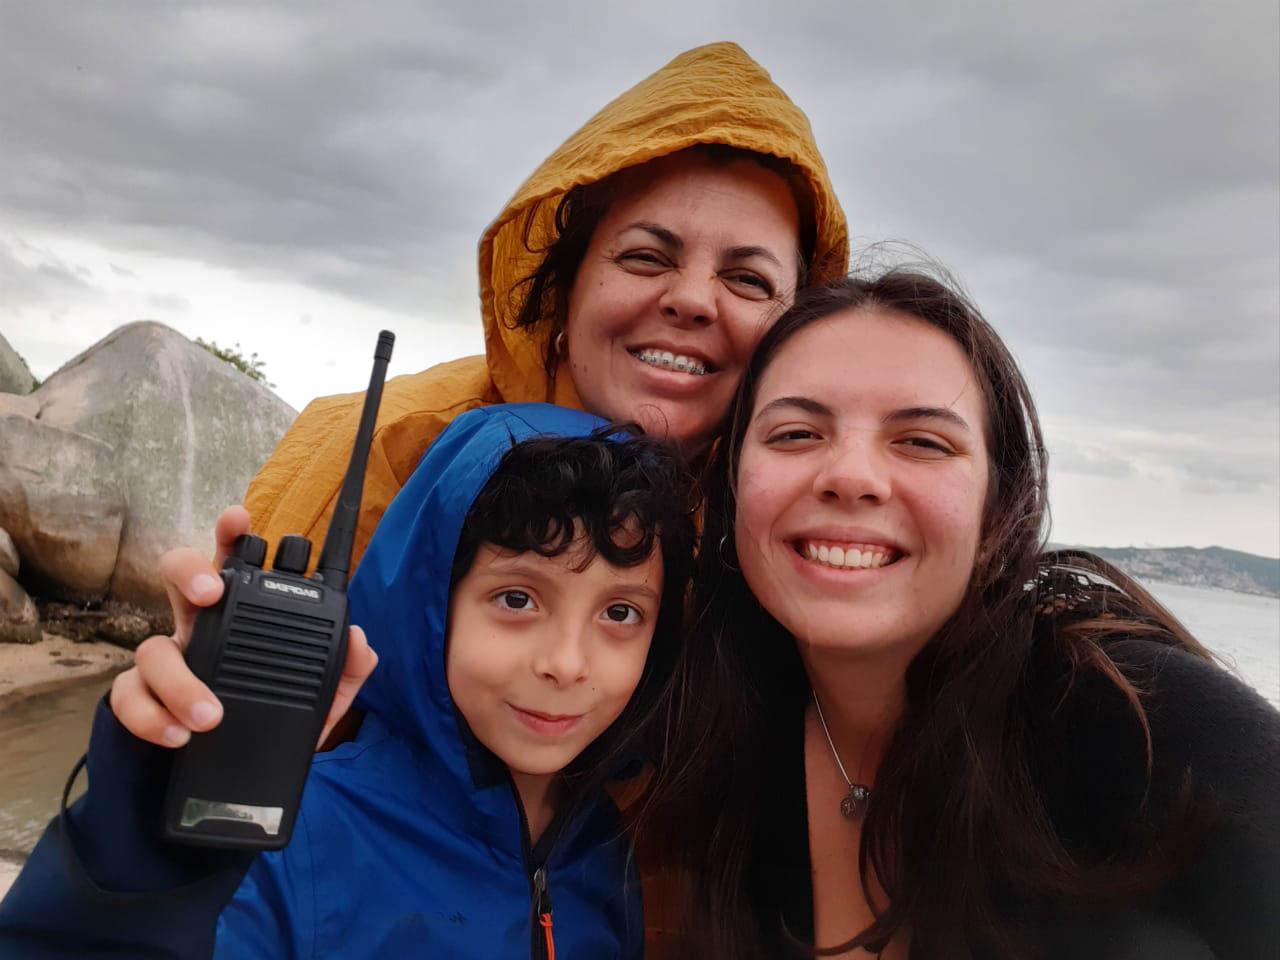 selfie professora filhos praia dia nublado